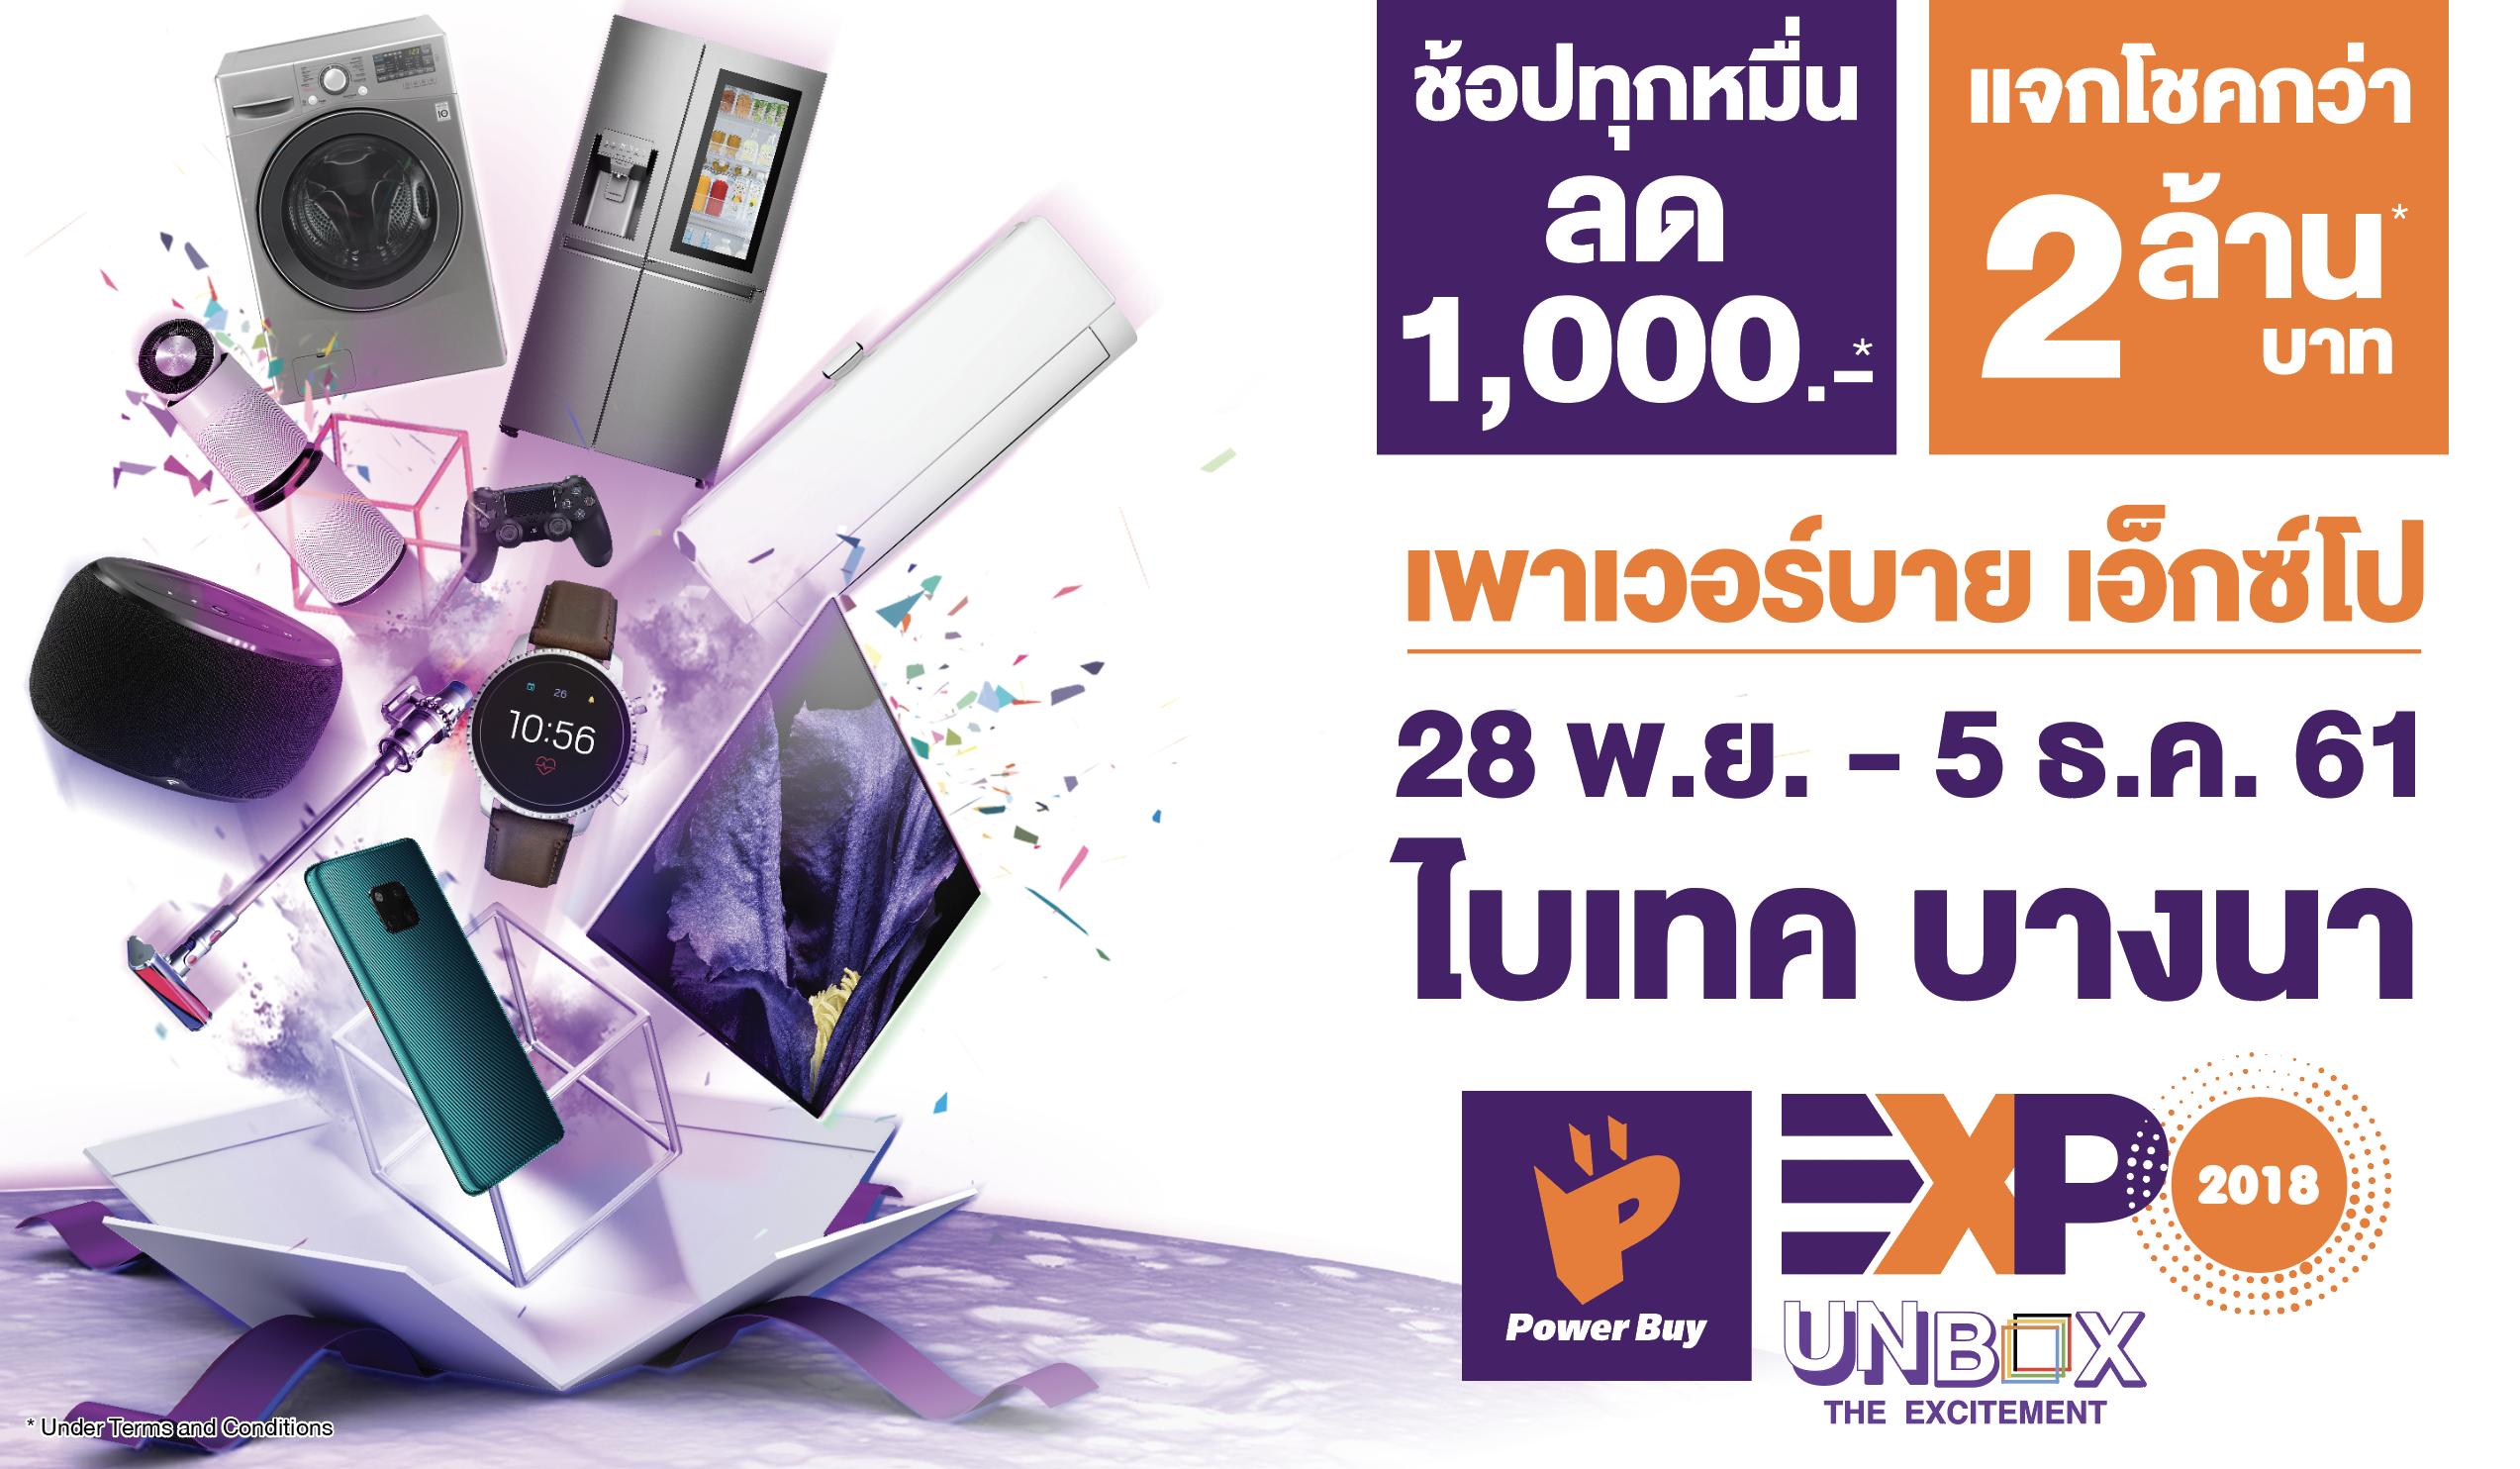 """Power Buy EXPO 2018 """"UNBOX THE EXCITEMENT""""  เตรียมพบงานแสดงสินค้าเครื่องใช้ไฟฟ้า สินค้าไอที  และนวัตกรรมเทคโนโลยี ยิ่งใหญ่ รับเทศกาลของขวัญปีใหม่ 1"""